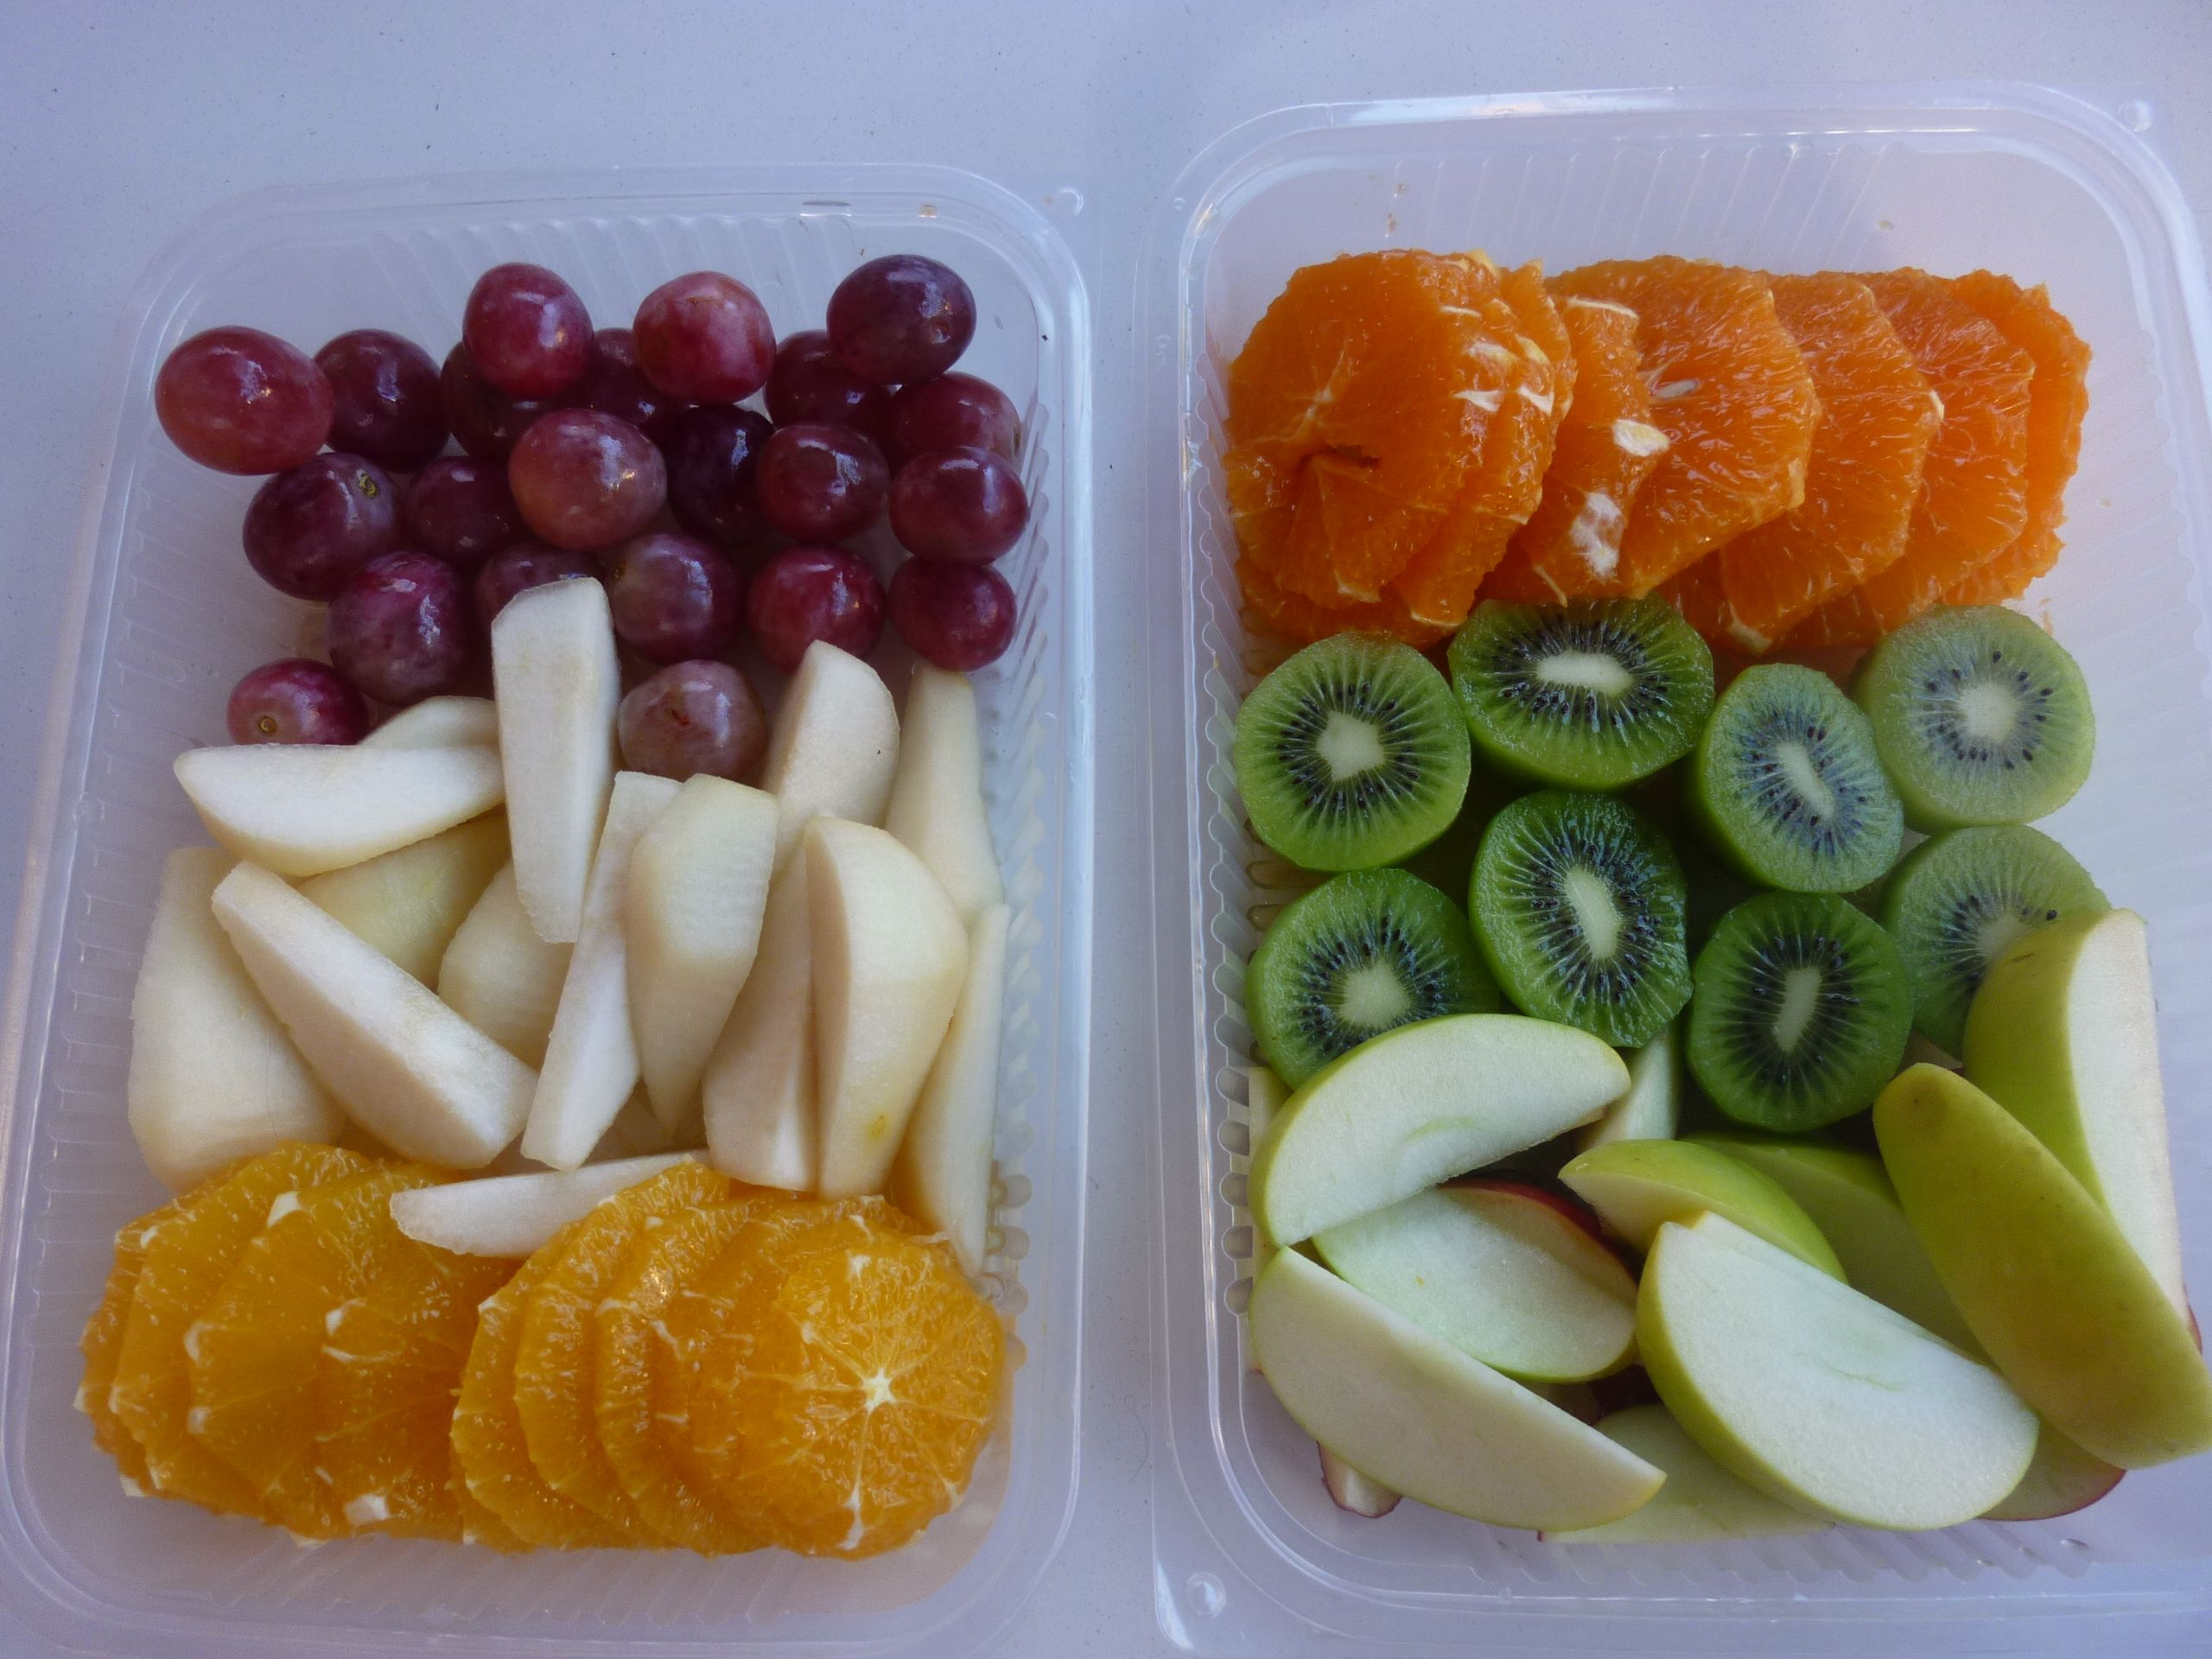 Frutas en bandejas para llevar a la oficina o tener listas en tu casa daily fruits by arte en - Fruta en la oficina ...